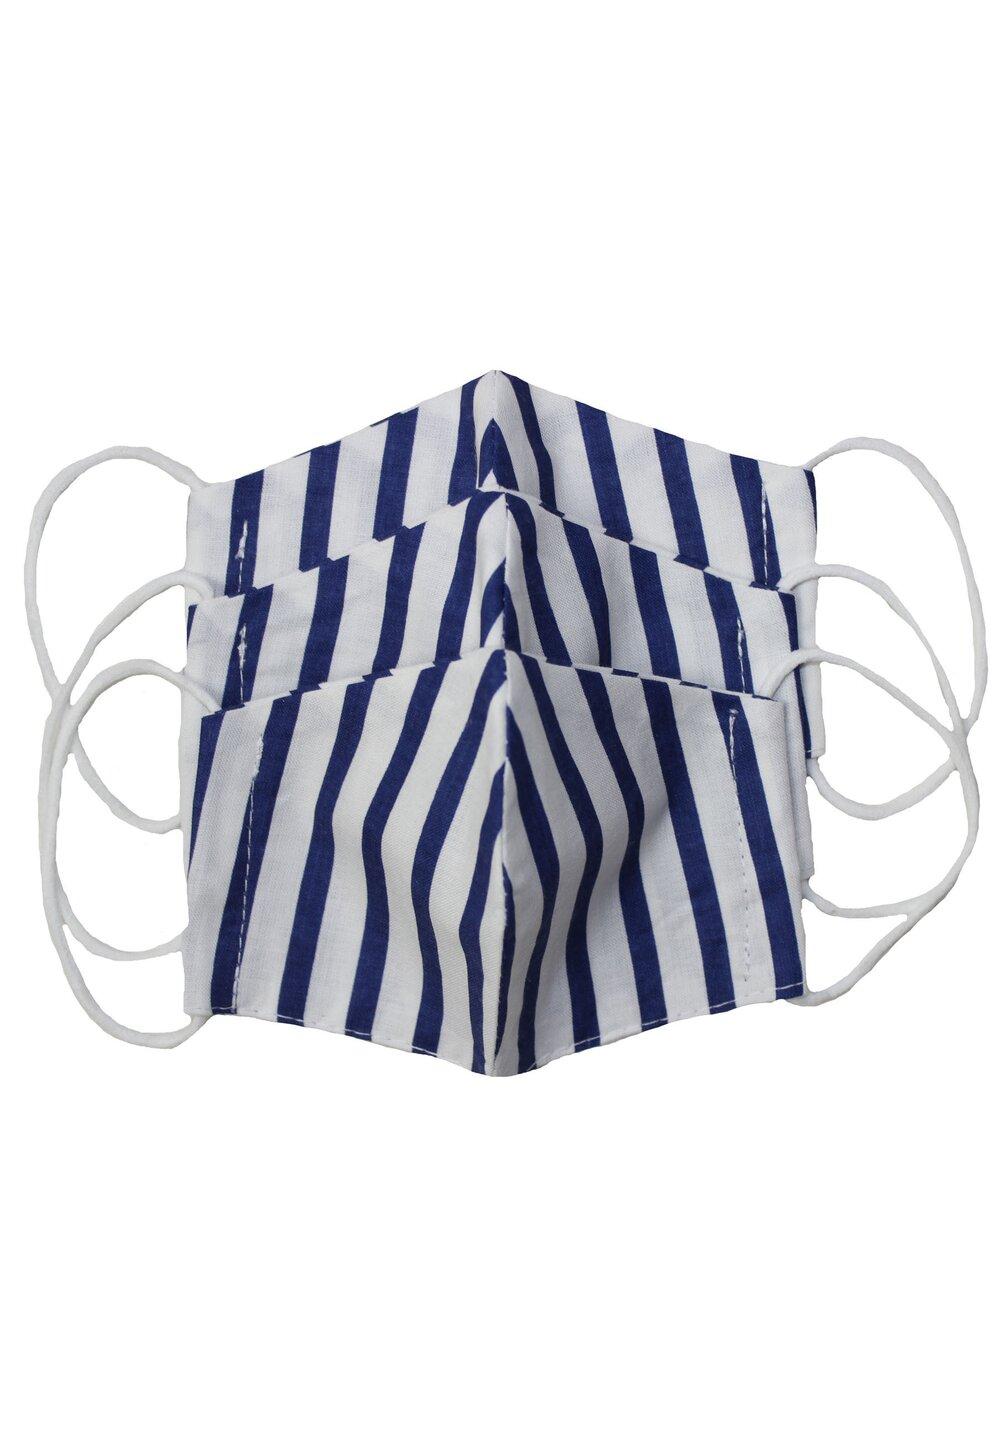 Masca reutilizabila, set 3 buc, copii, 2-6 ani, alb cu dungi imagine